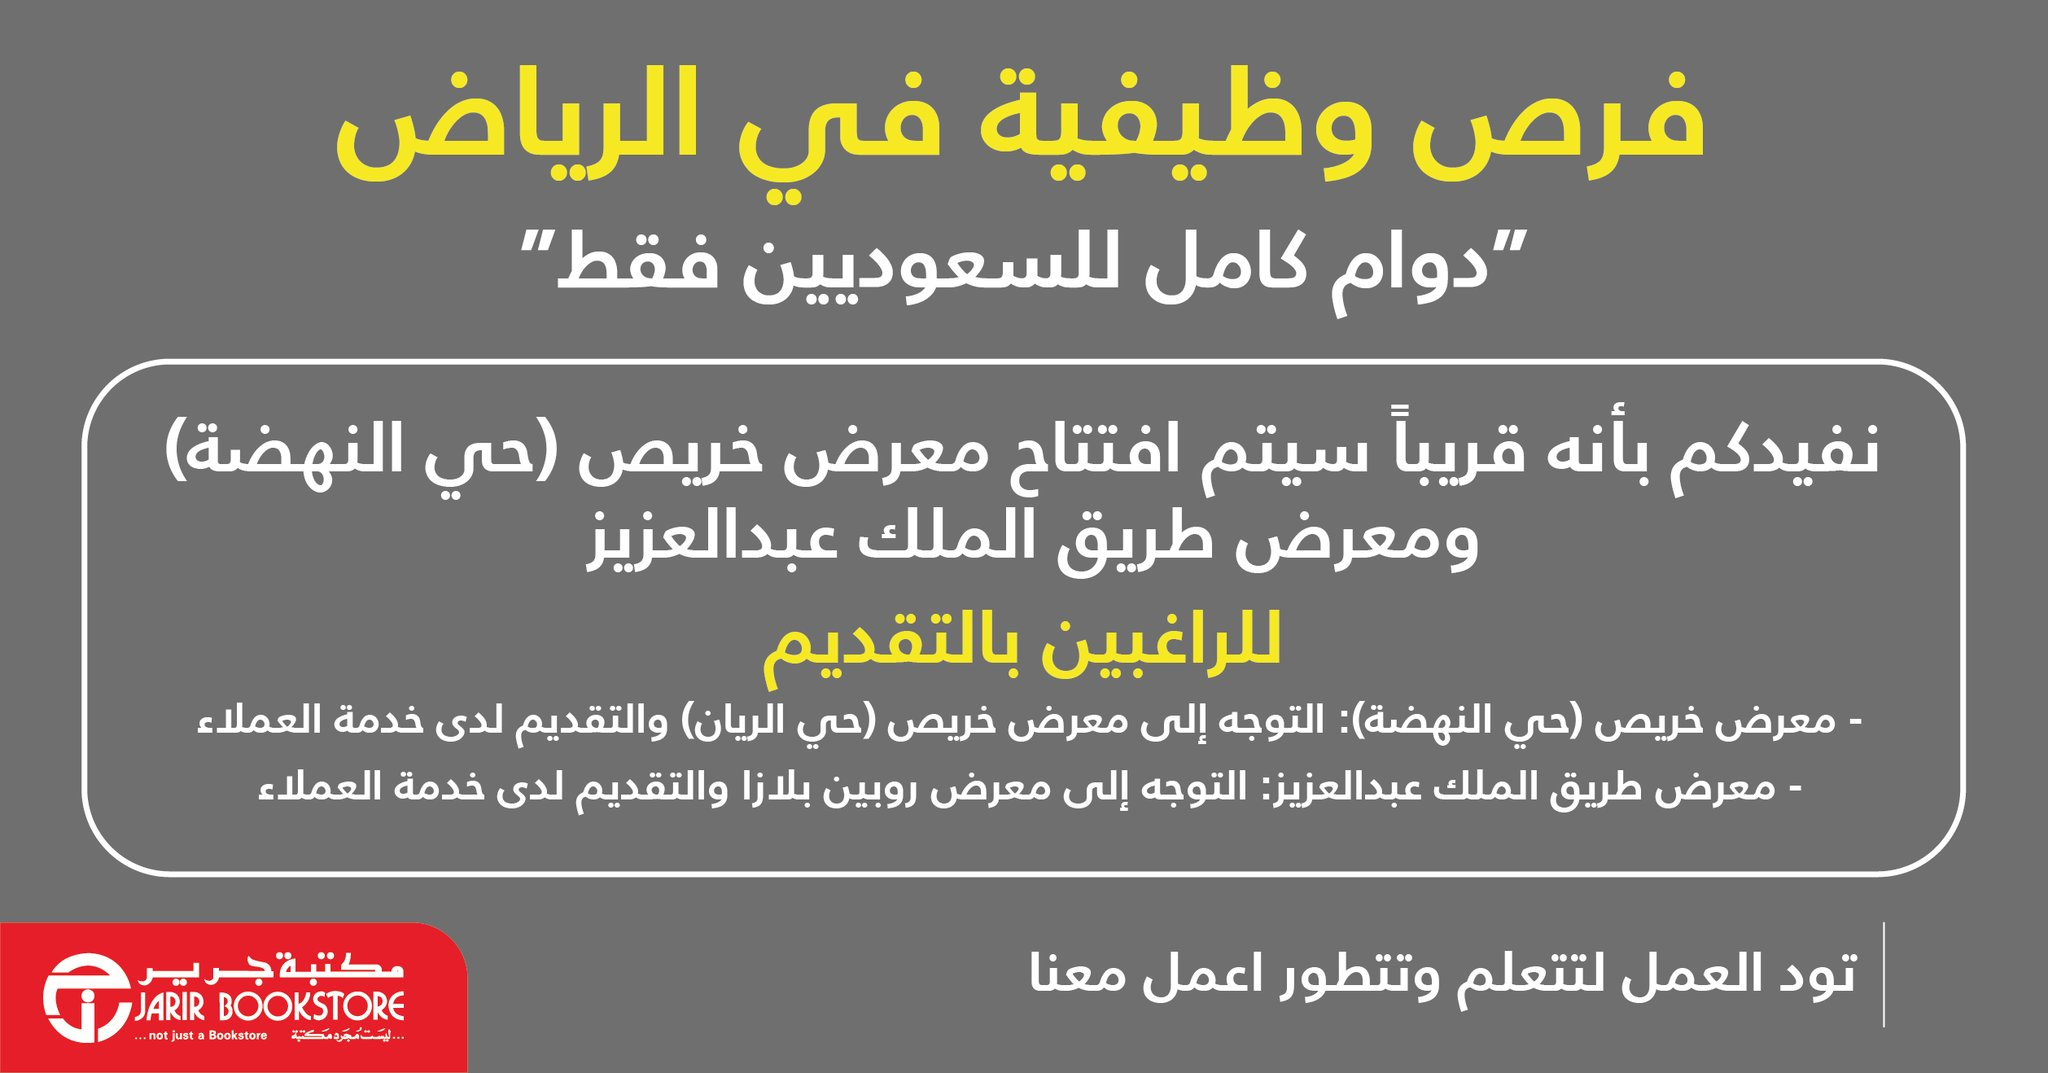 تعلن #مكتبة_جرير عن معارض جديدة في مدينة #الرياض  و التقديم على الوظائف مفتوح فى مقر المعرض لدى خدمة العملاء   #وظائف_الرياض #الرياض_الان #وظائف @JarirBookstore